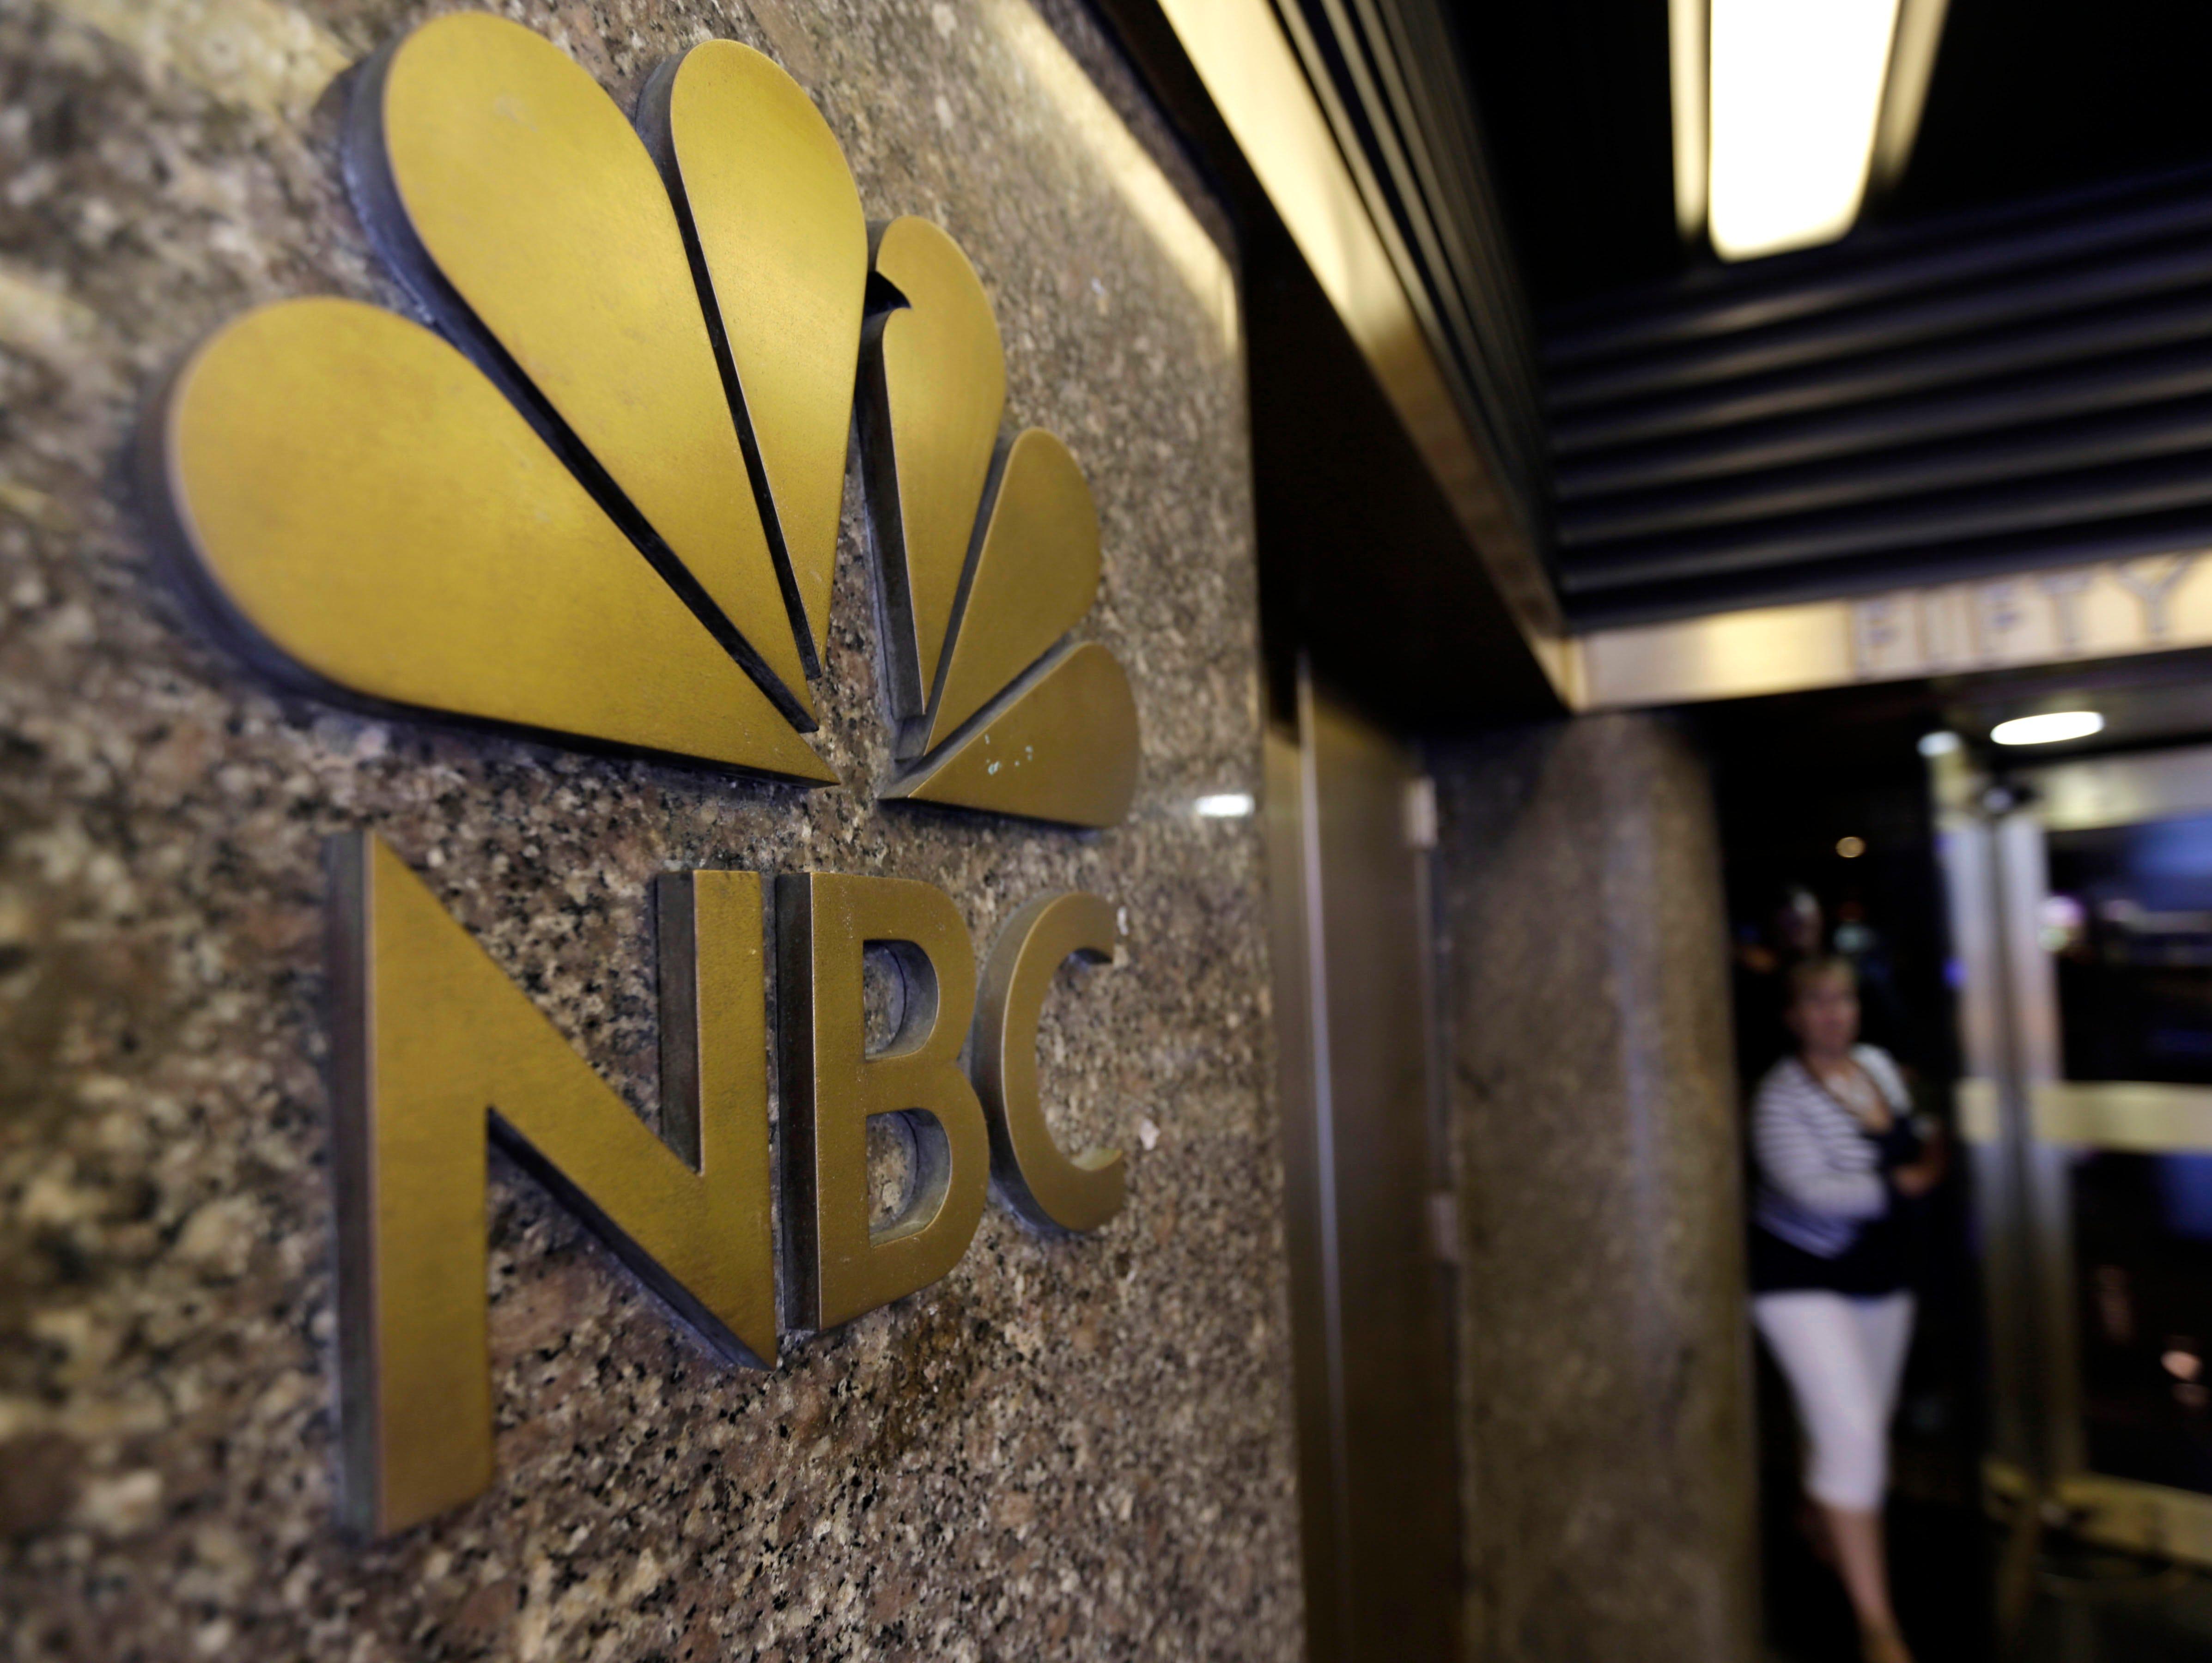 NBC plans investment in Vox Media